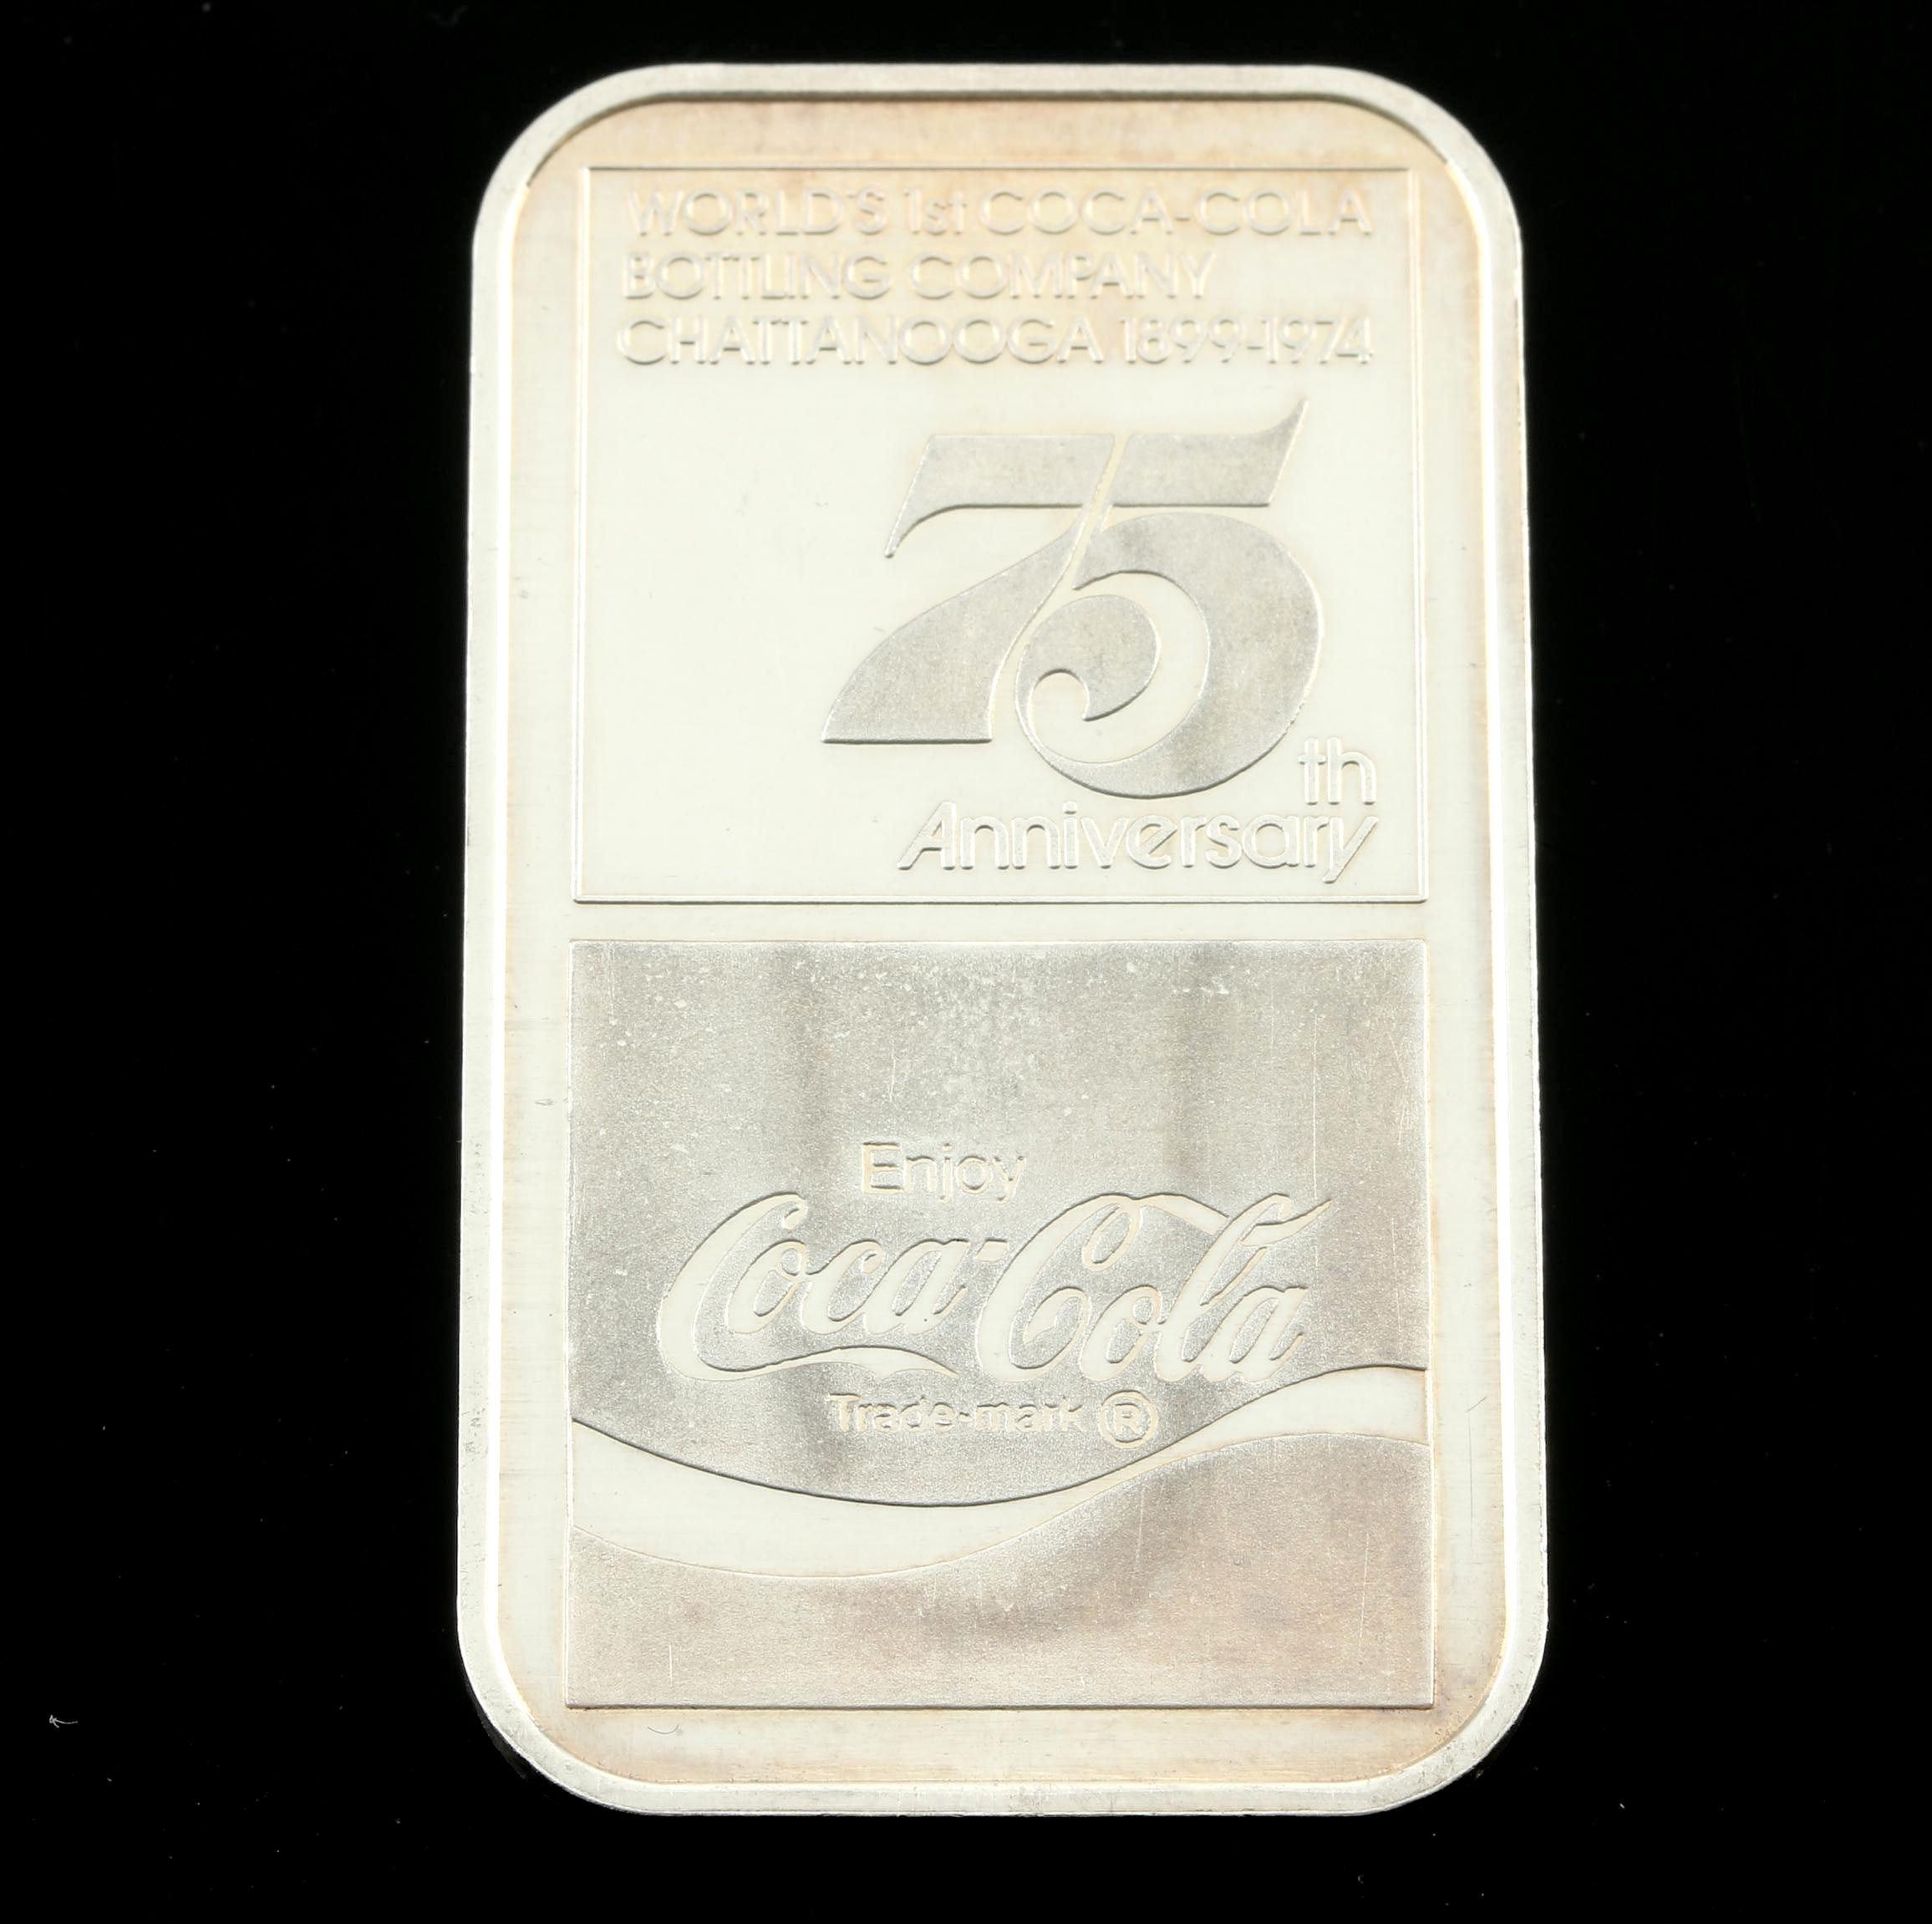 Coca Cola 75th Anniversary Commemorative 1-Troy Oz. Silver Ingot